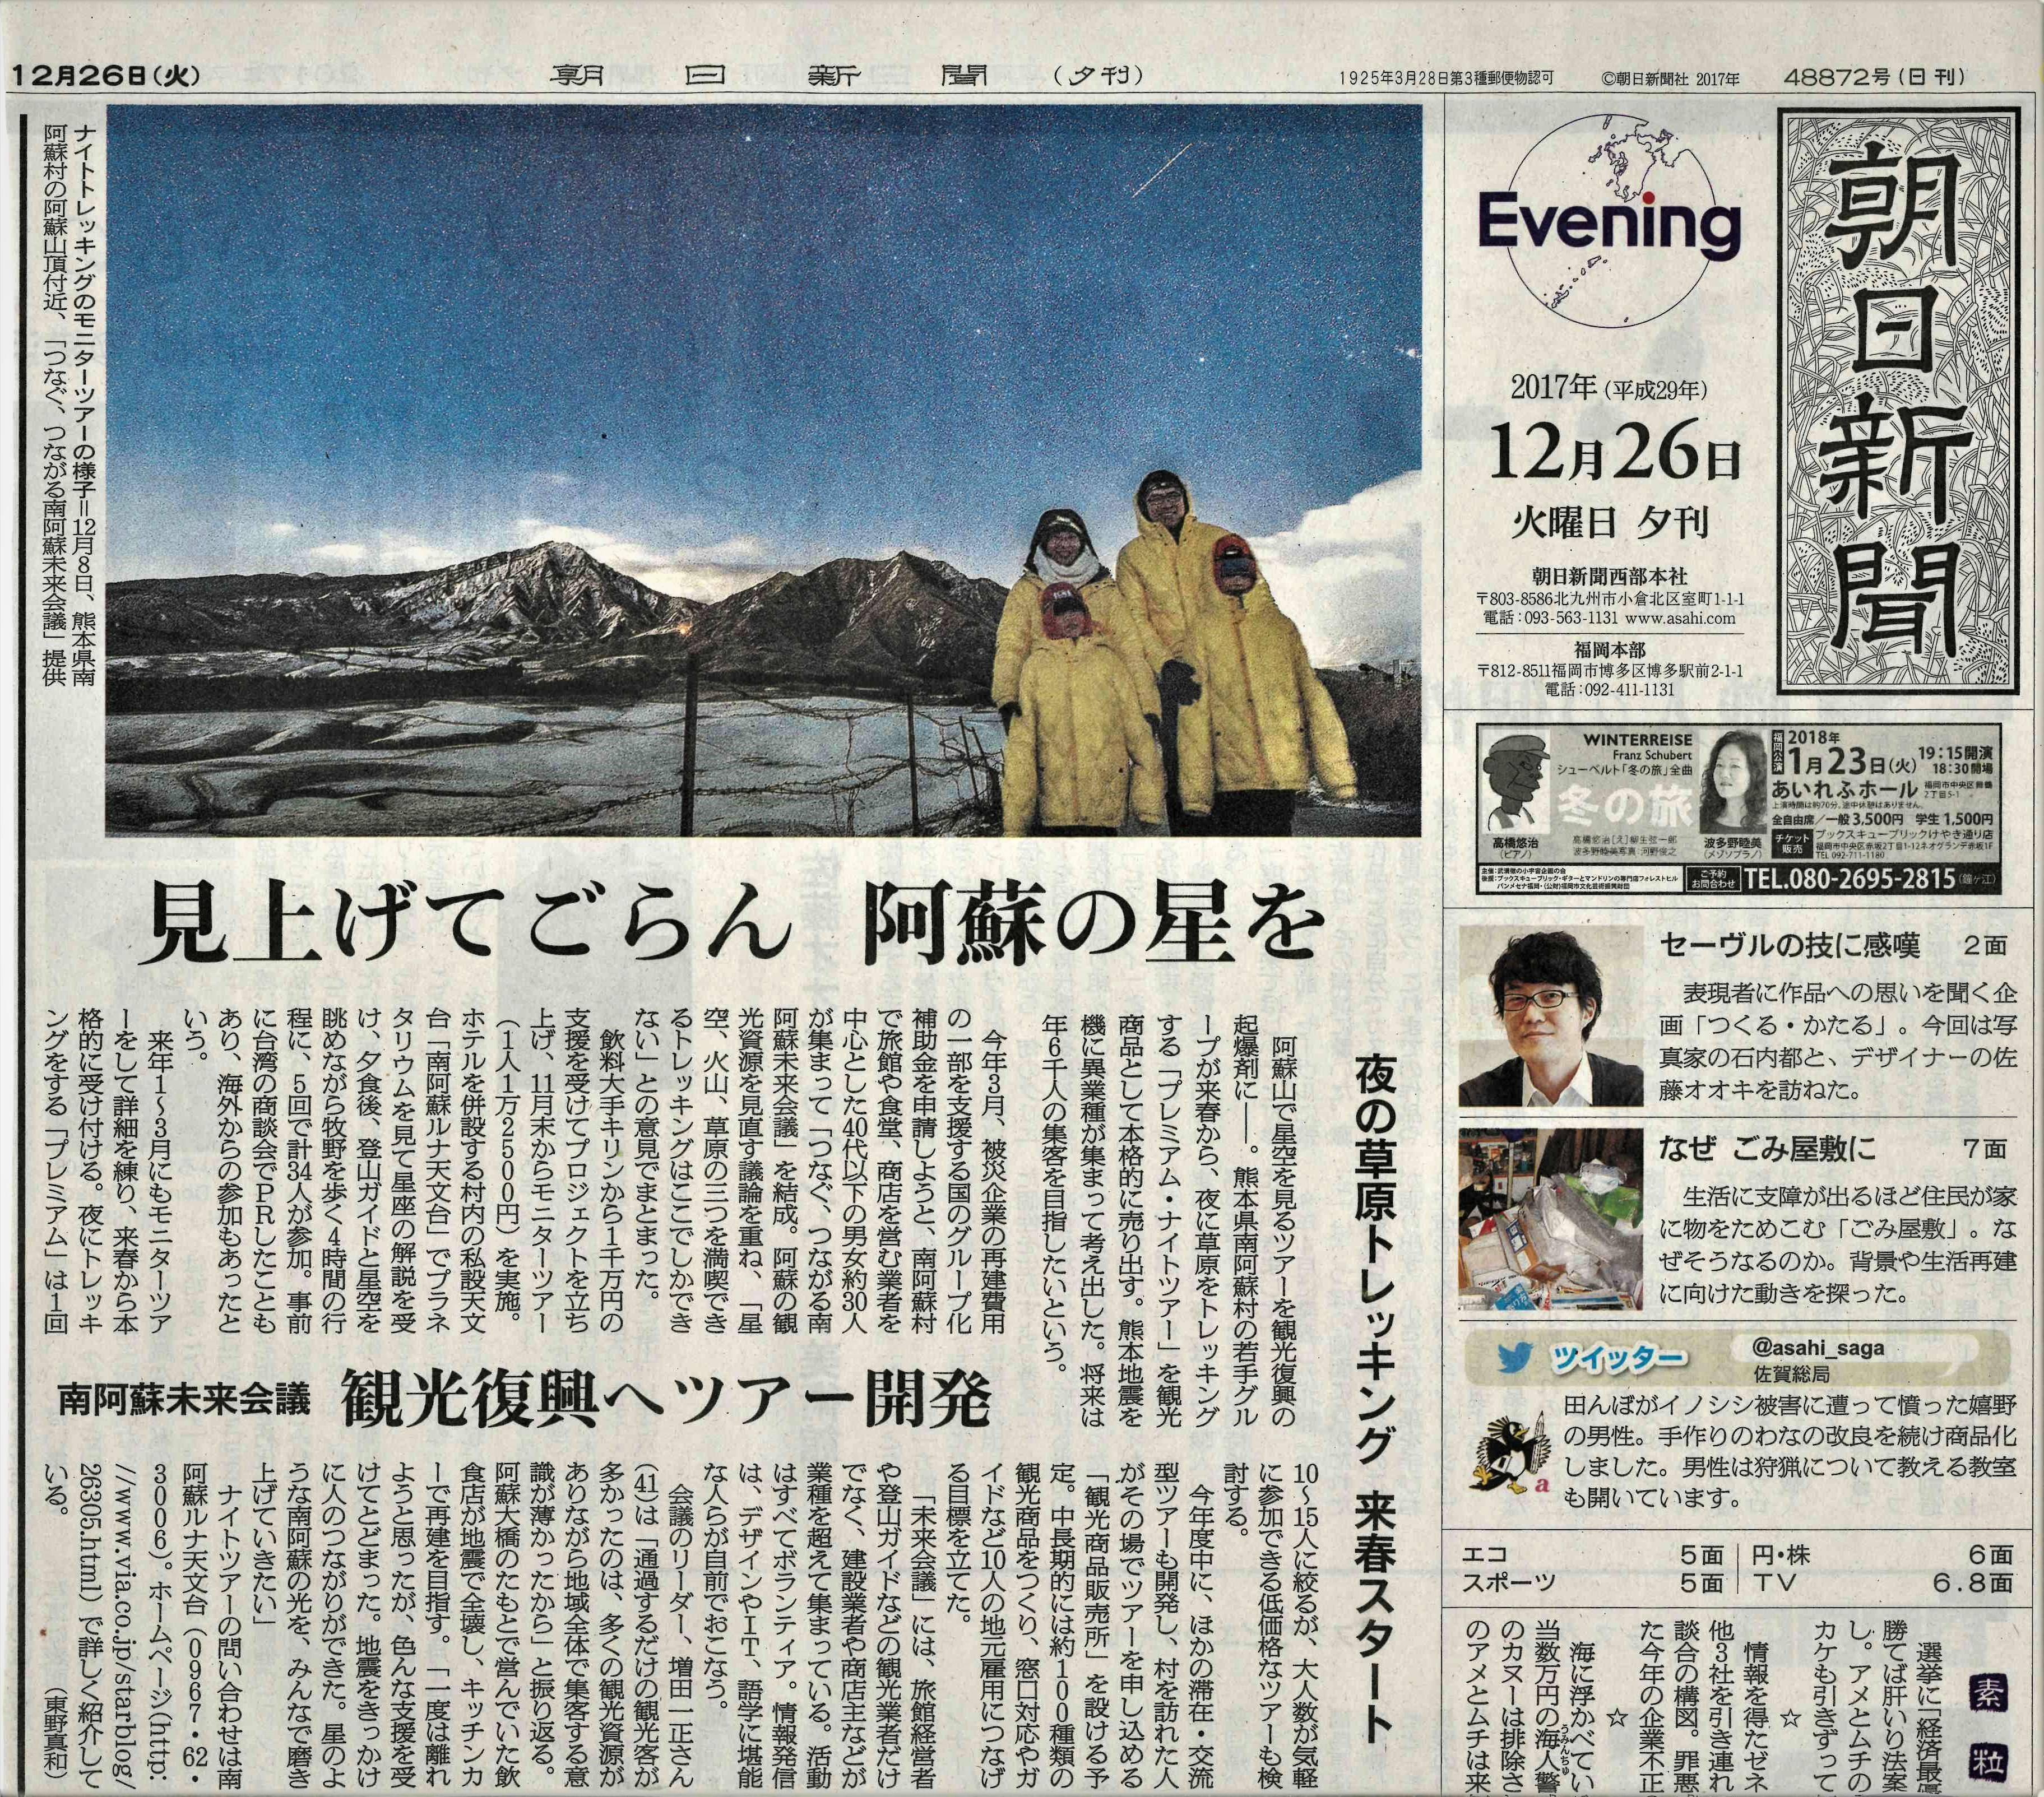 朝日新聞12/26 夕刊一面